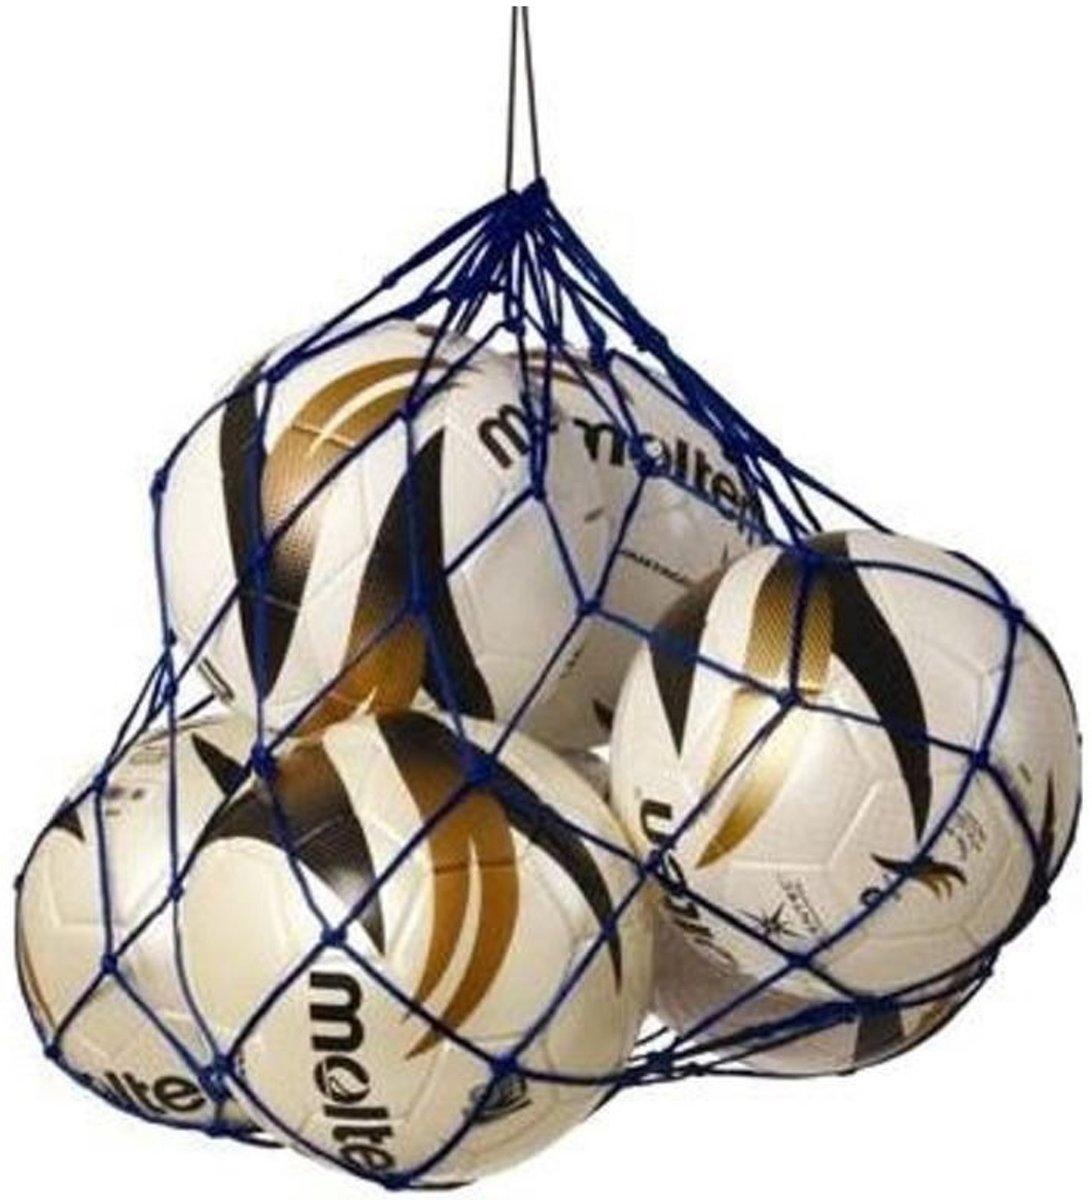 Sportec Nylon Draagnet 10/12 Ballen Blauw (verpakking) kopen